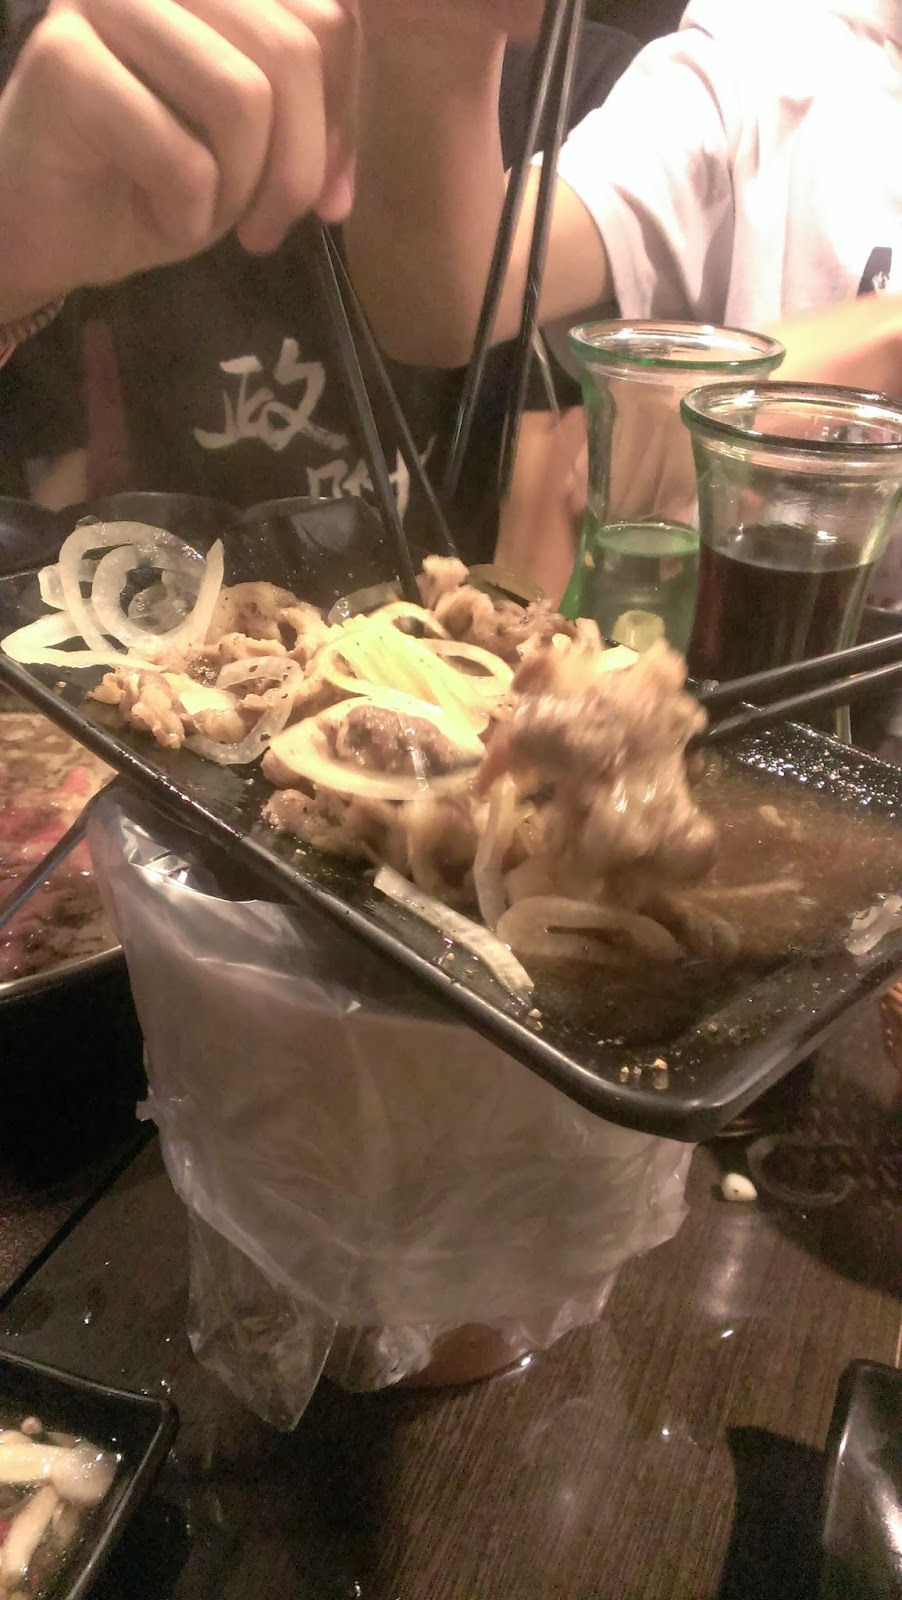 2014 11 09%2B17.25.01 - [食記] 潮肉壽喜燒 - 平價多樣的壽喜燒吃到飽